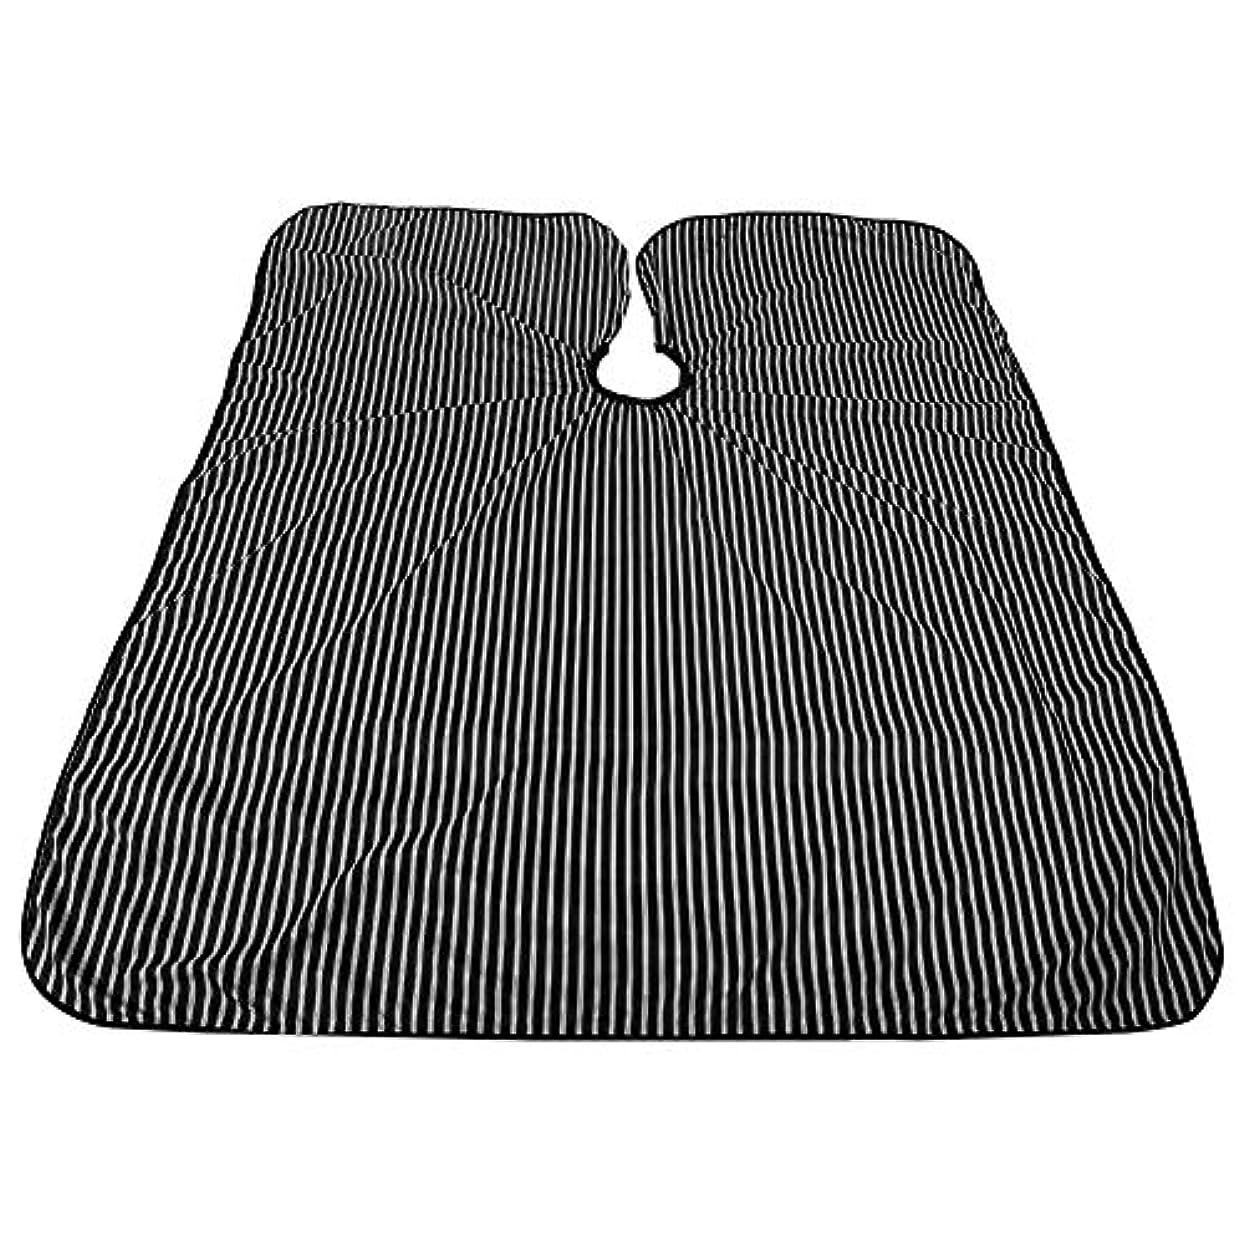 とは異なりランク家主プロフェッショナルサロンケープ、黒と白のストライプ帯電防止Styingケープ耐油サロンケープバーバー理髪ラップ